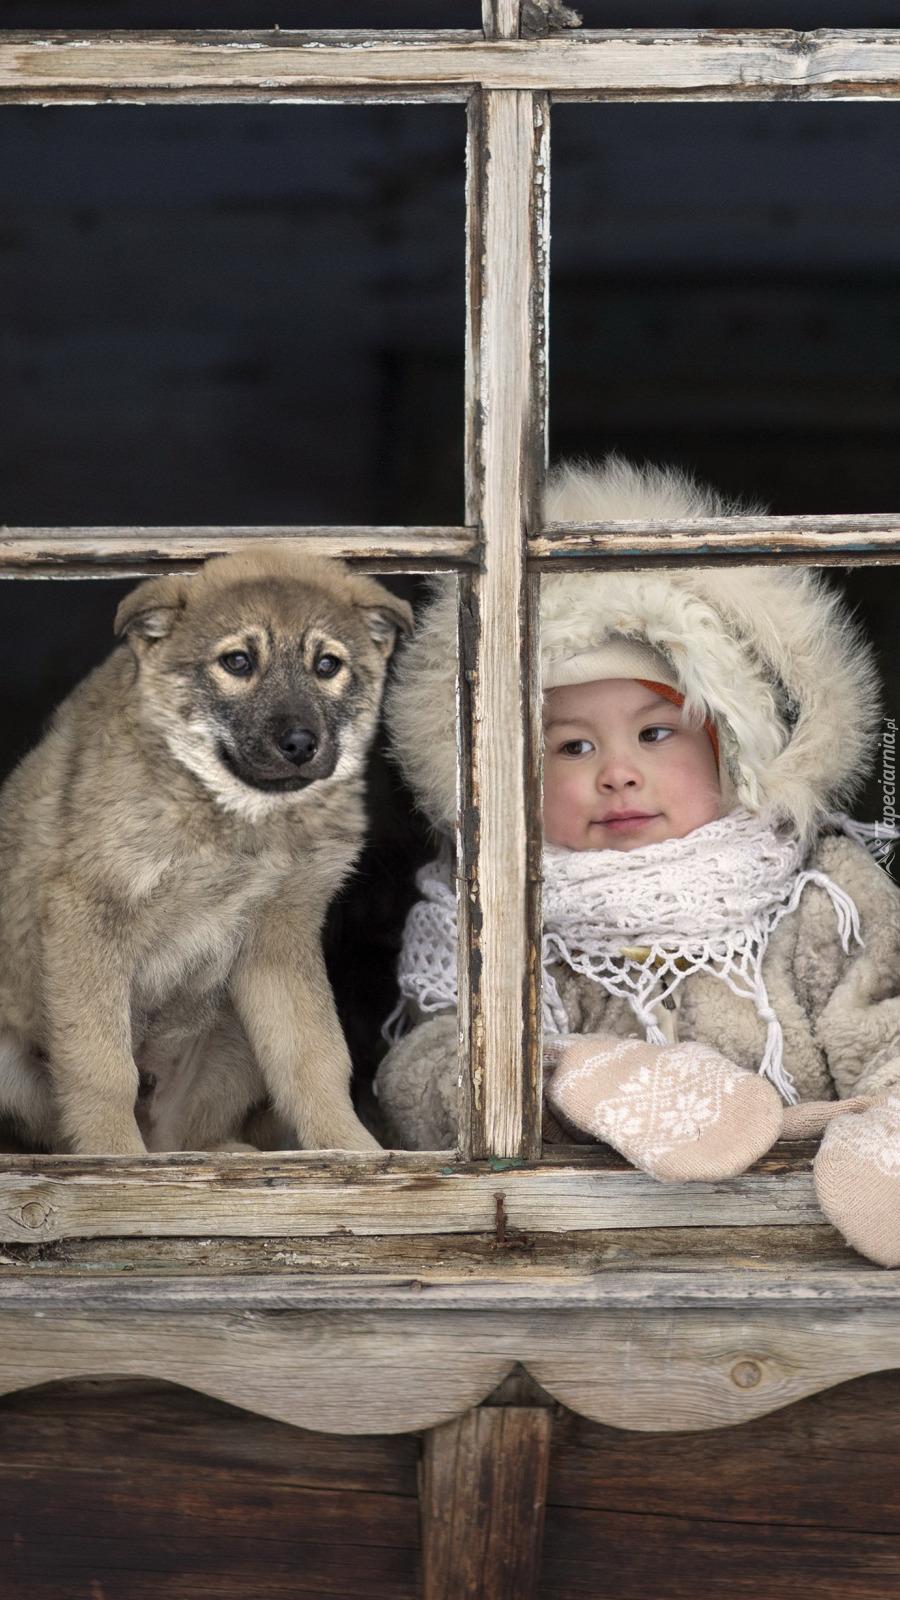 Dziewczynka i pies przy oknie